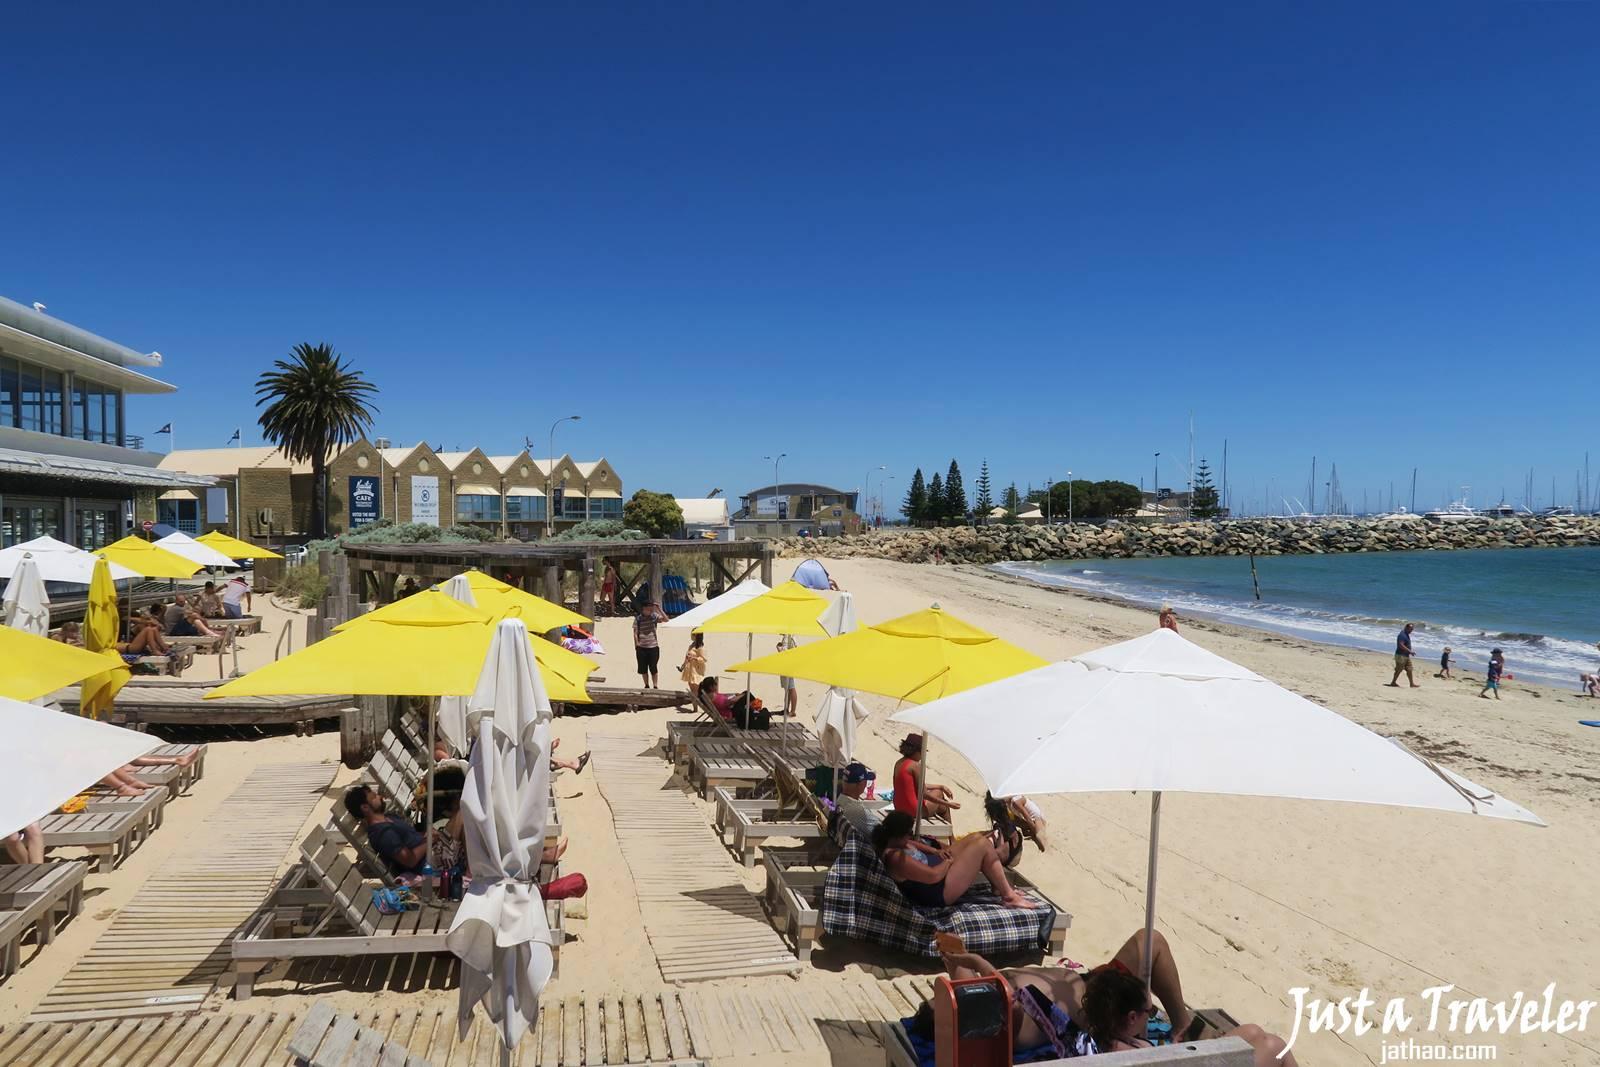 伯斯-推薦-景點-費里曼圖-Fremantle-Bathers-Beach-自由行-交通-必去-必玩-美食-旅遊-行程-一日遊-遊記